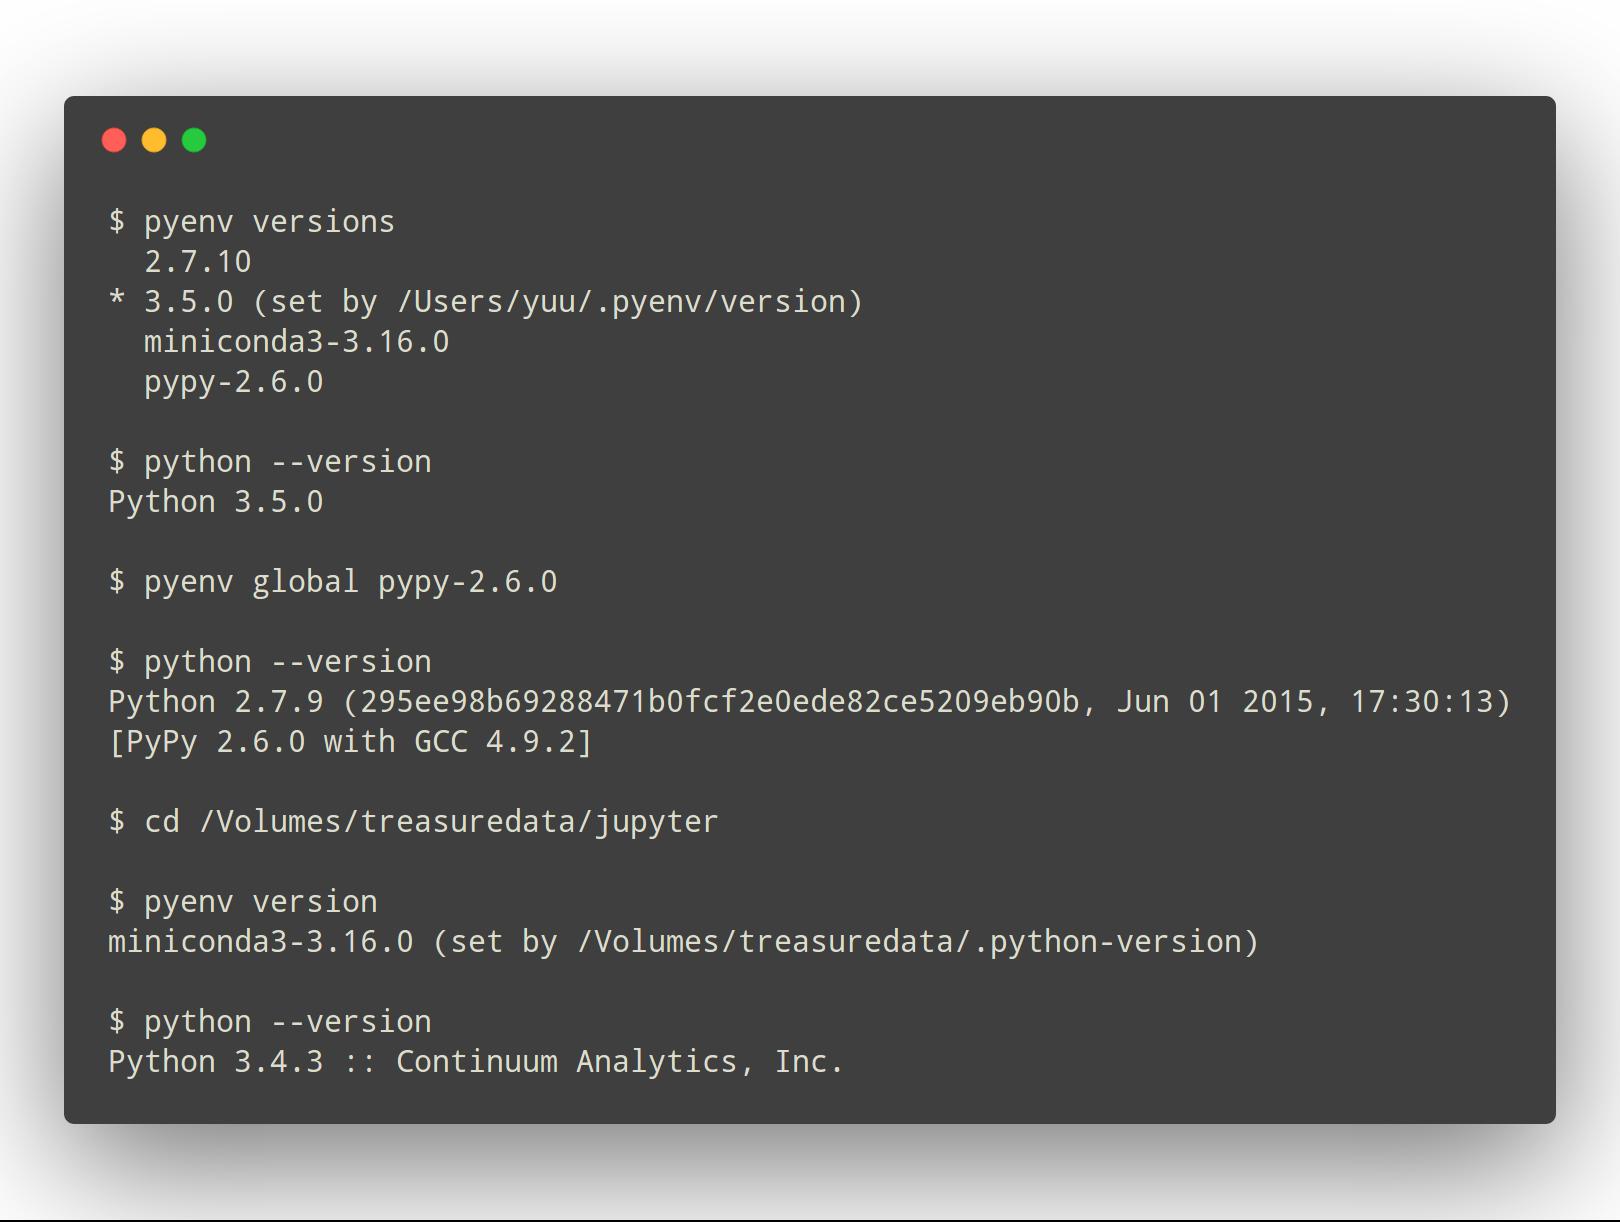 Do you use Docker or Virtualenv for Python? - DEV Community